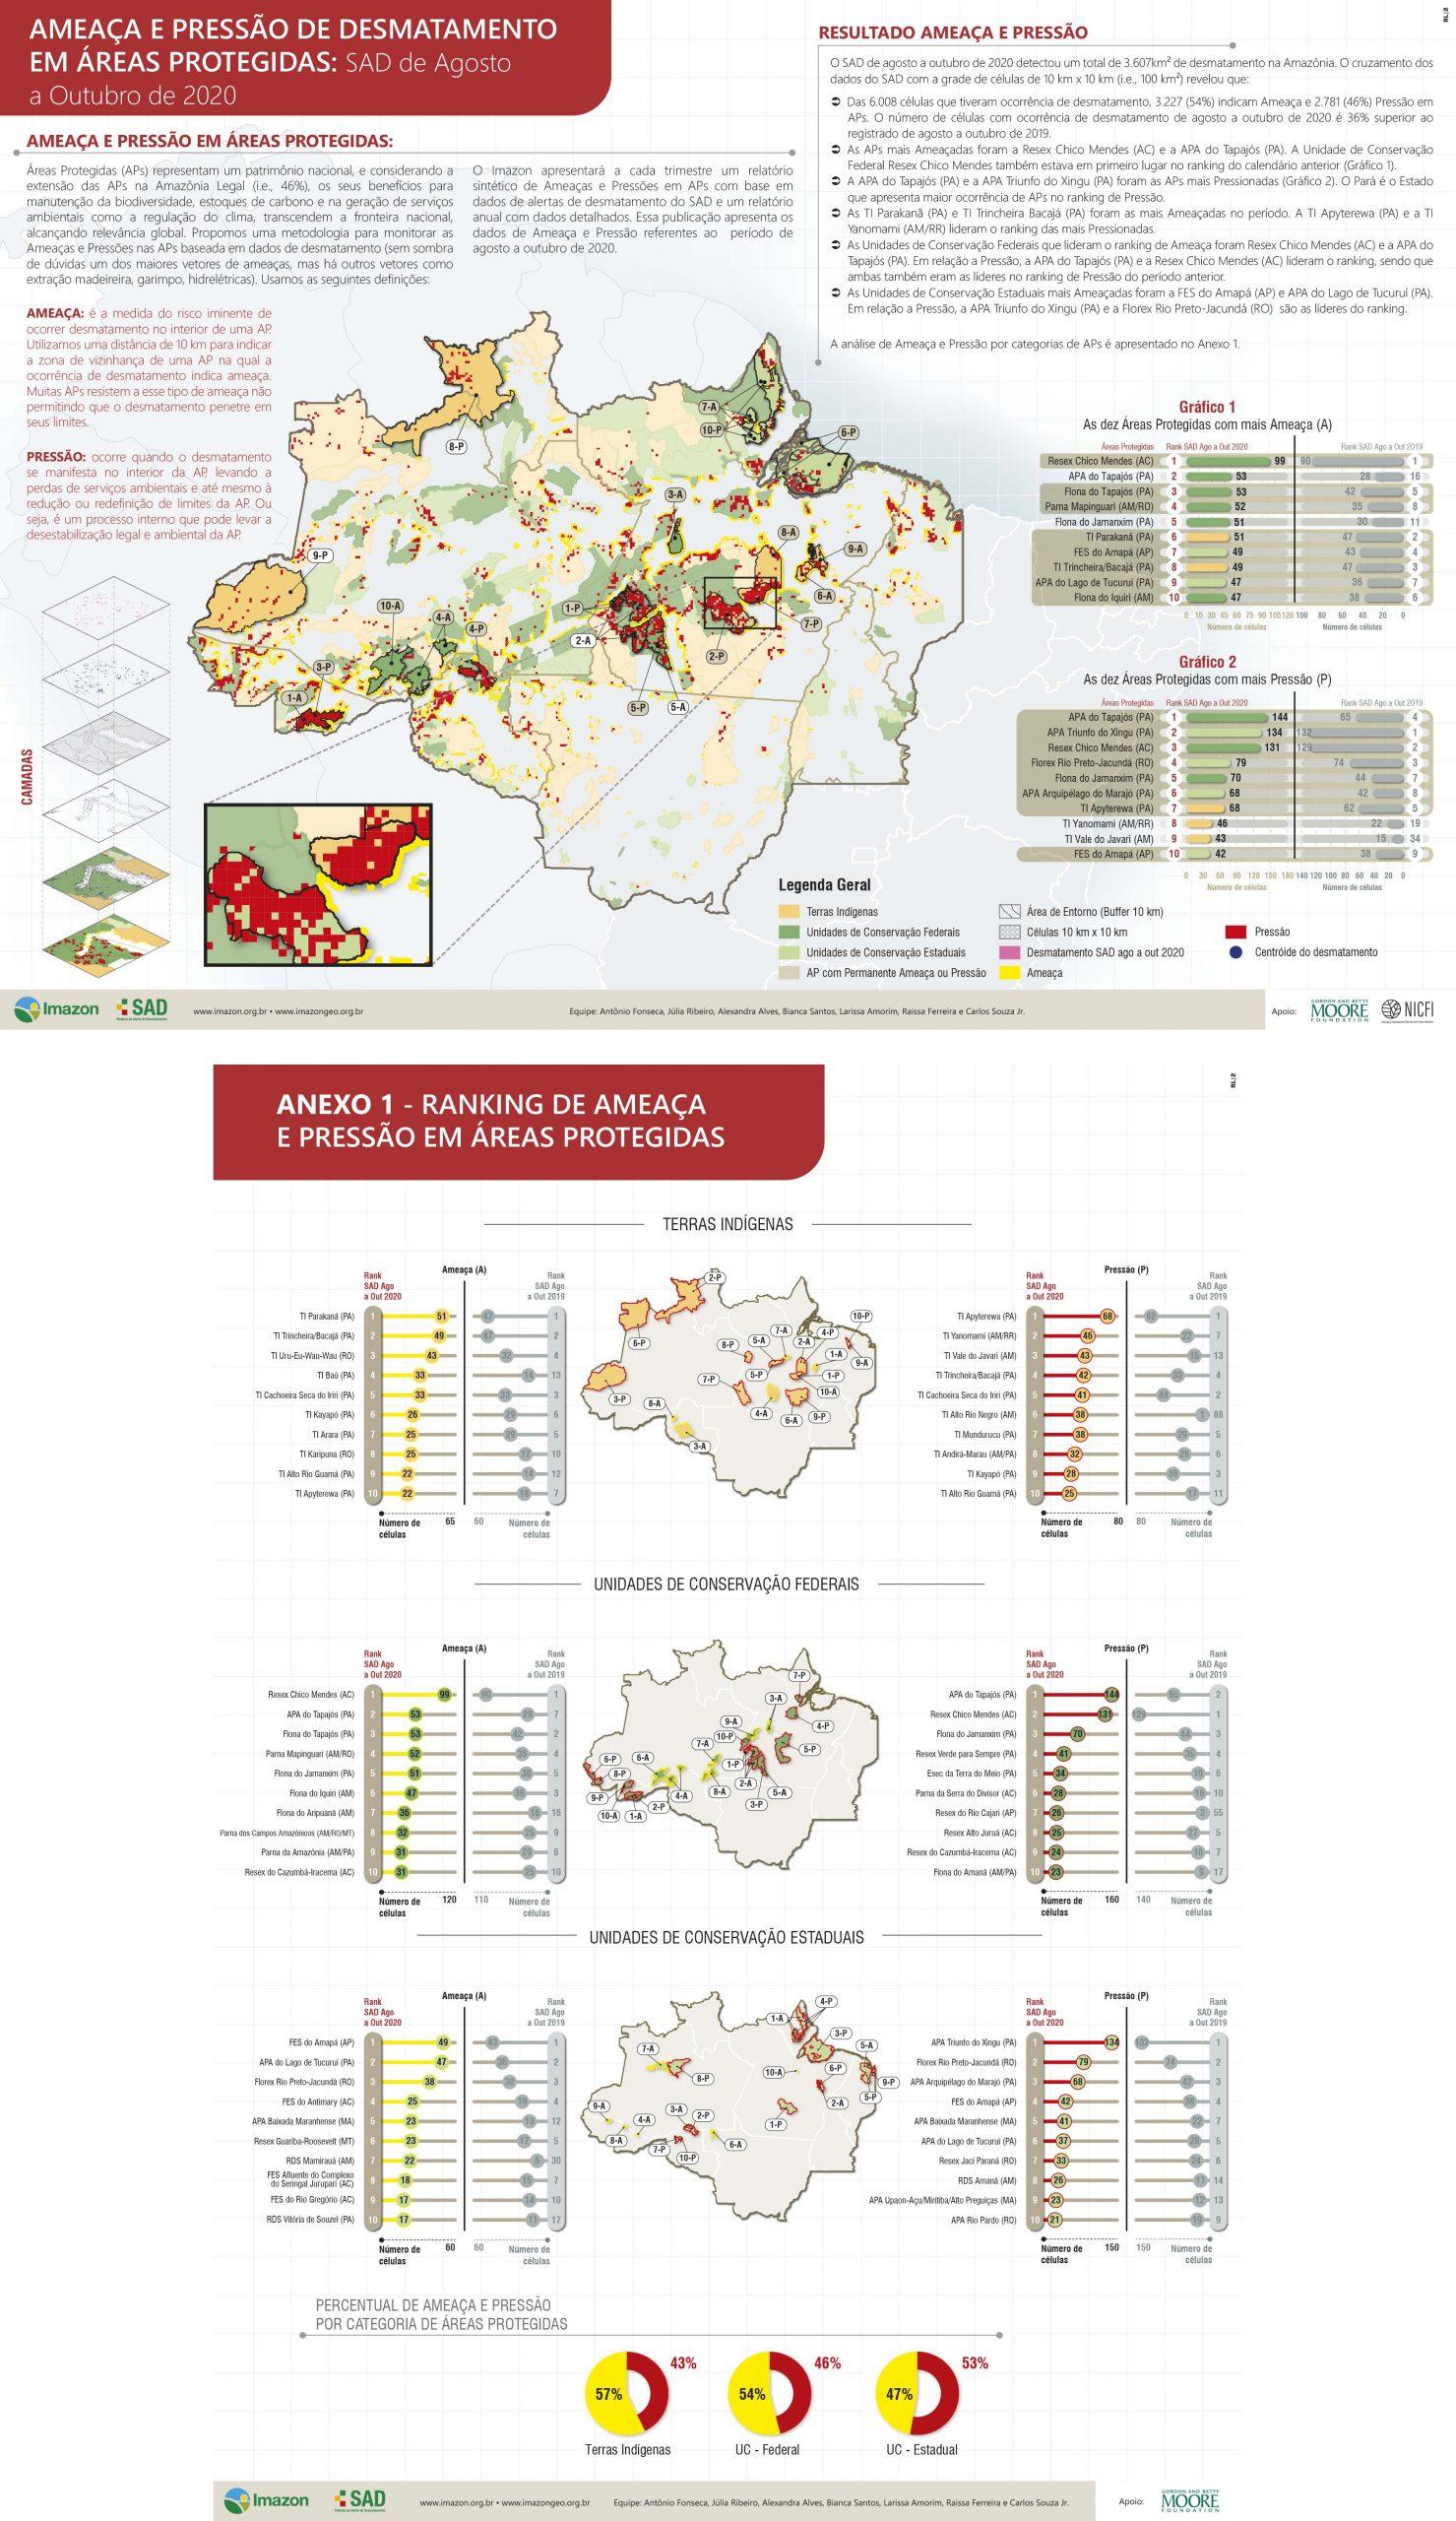 AP A4 297x210 SAD Ago a Out 2020 WEB scaled - Ameaça e Pressão de Desmatamento em Áreas Protegidas: SAD de Agosto a Outubro de 2020